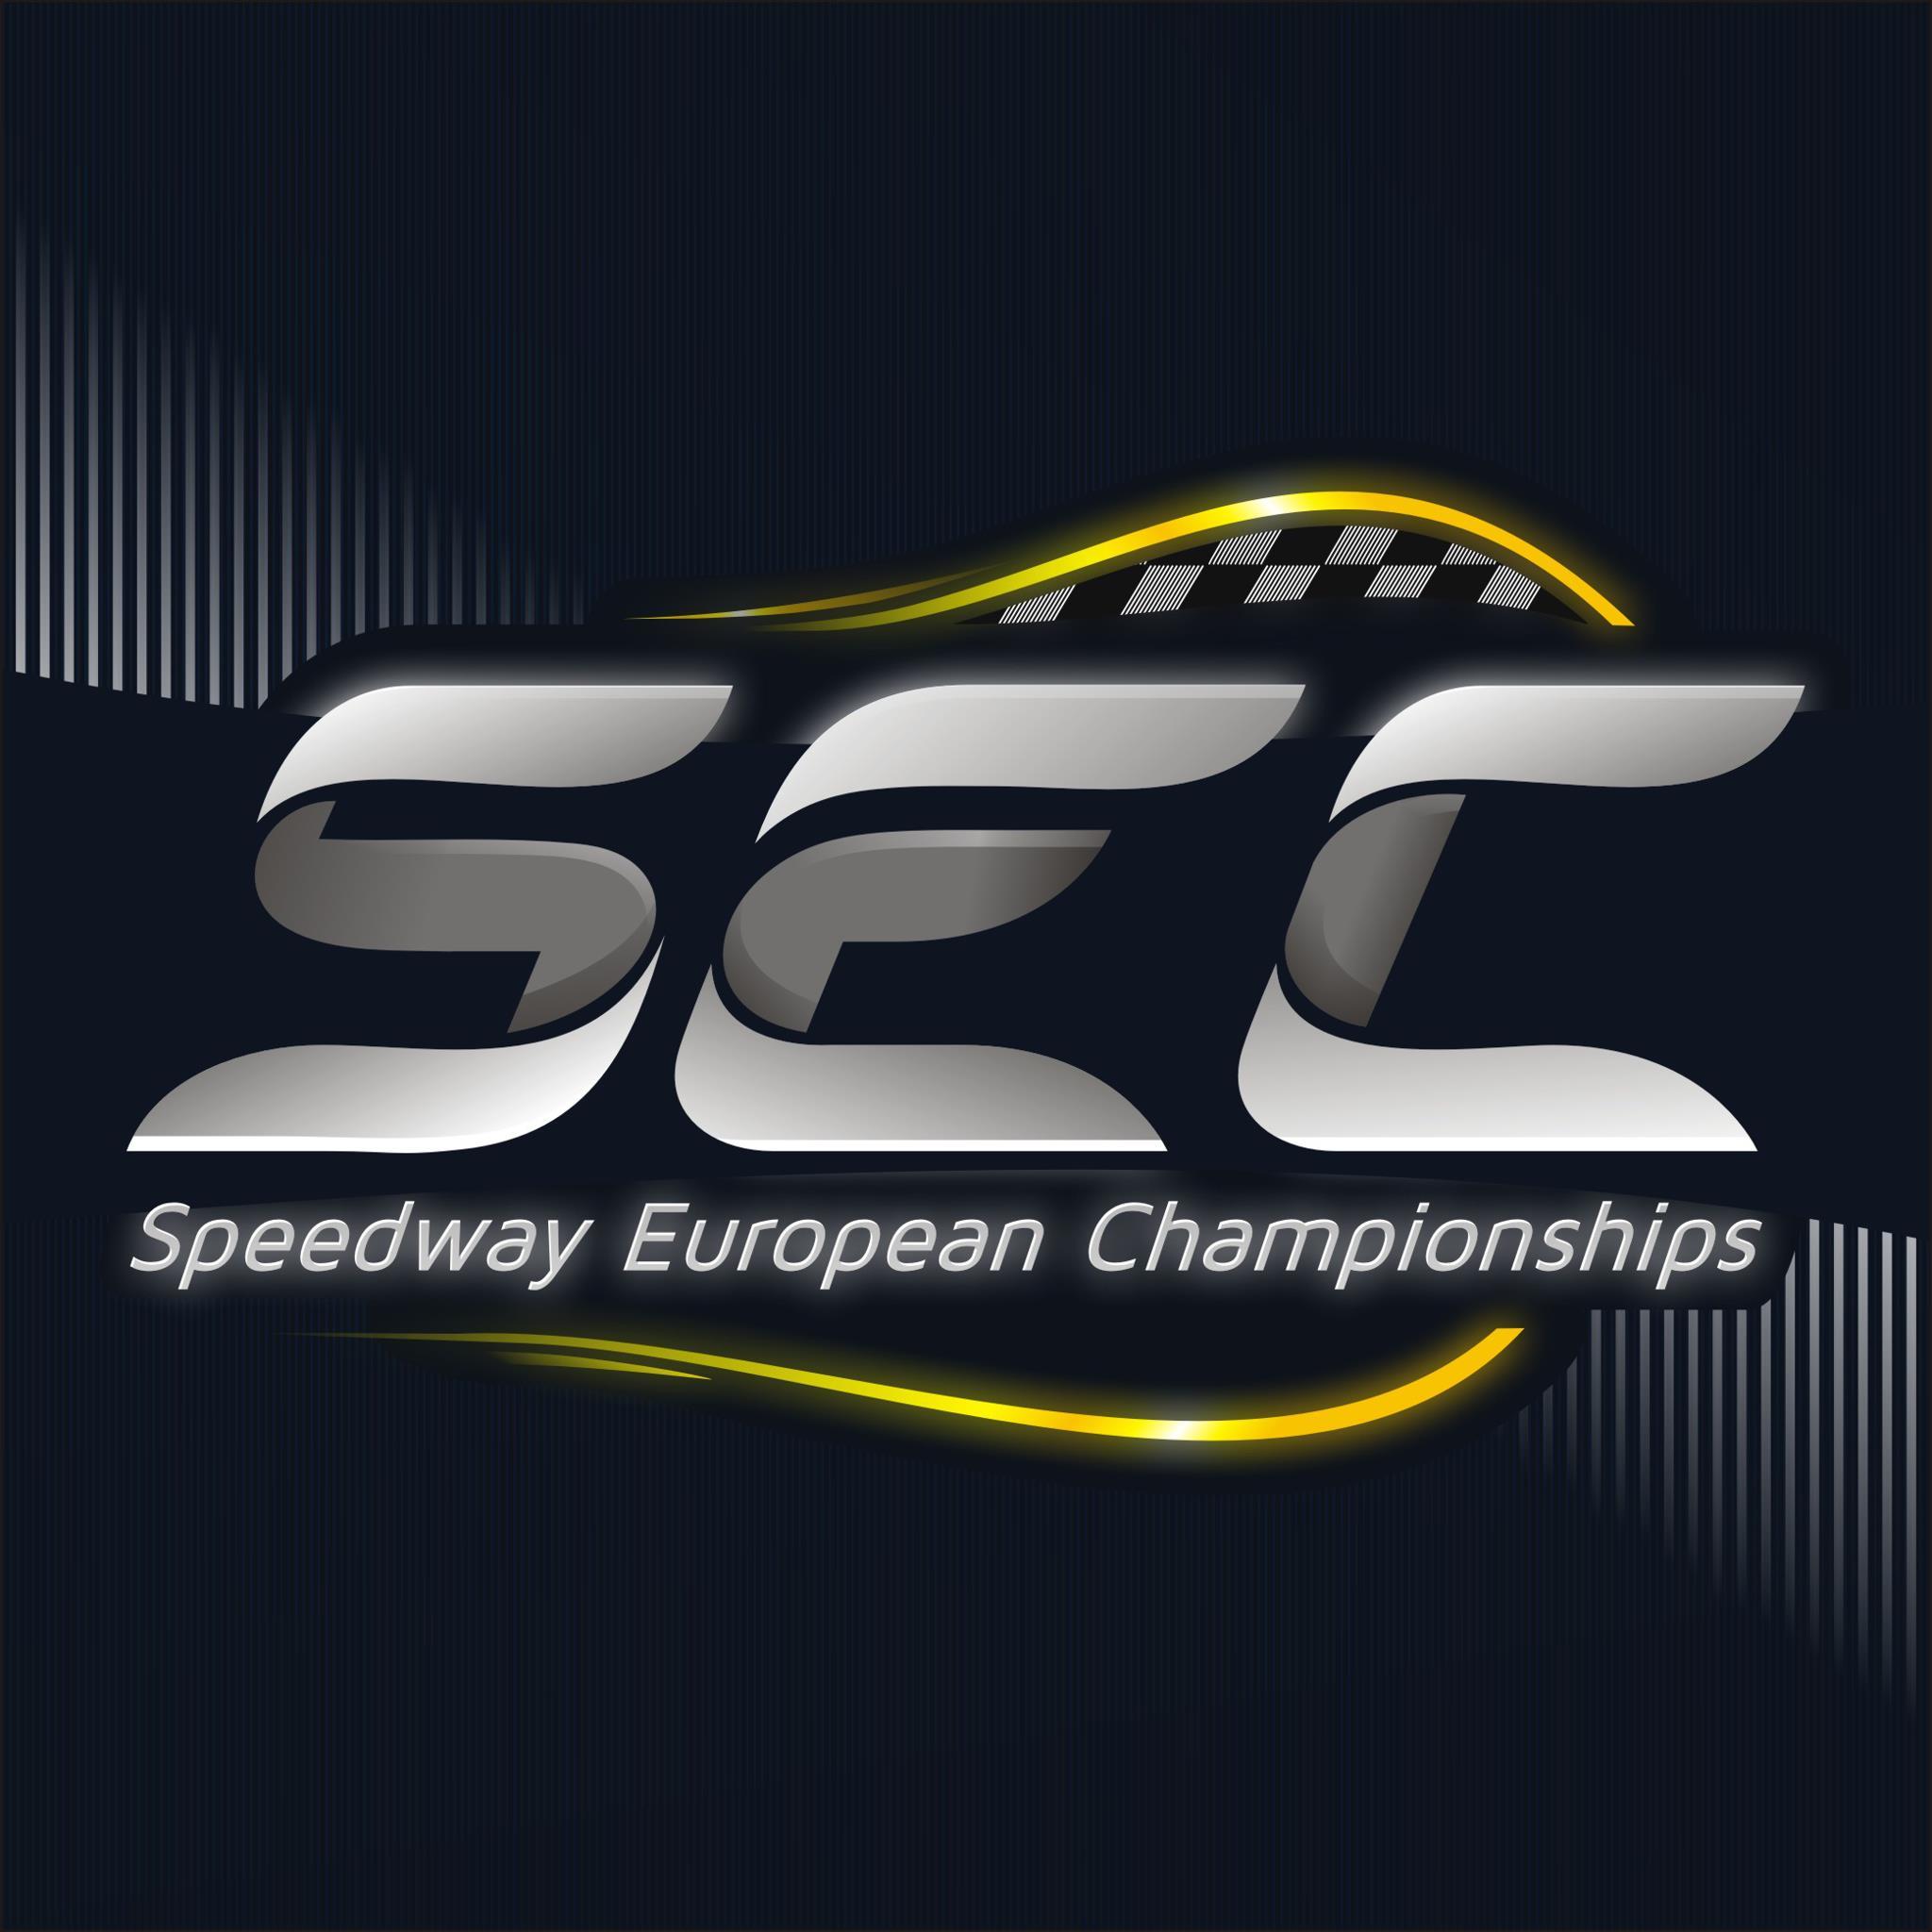 2015 Speedway European Championship